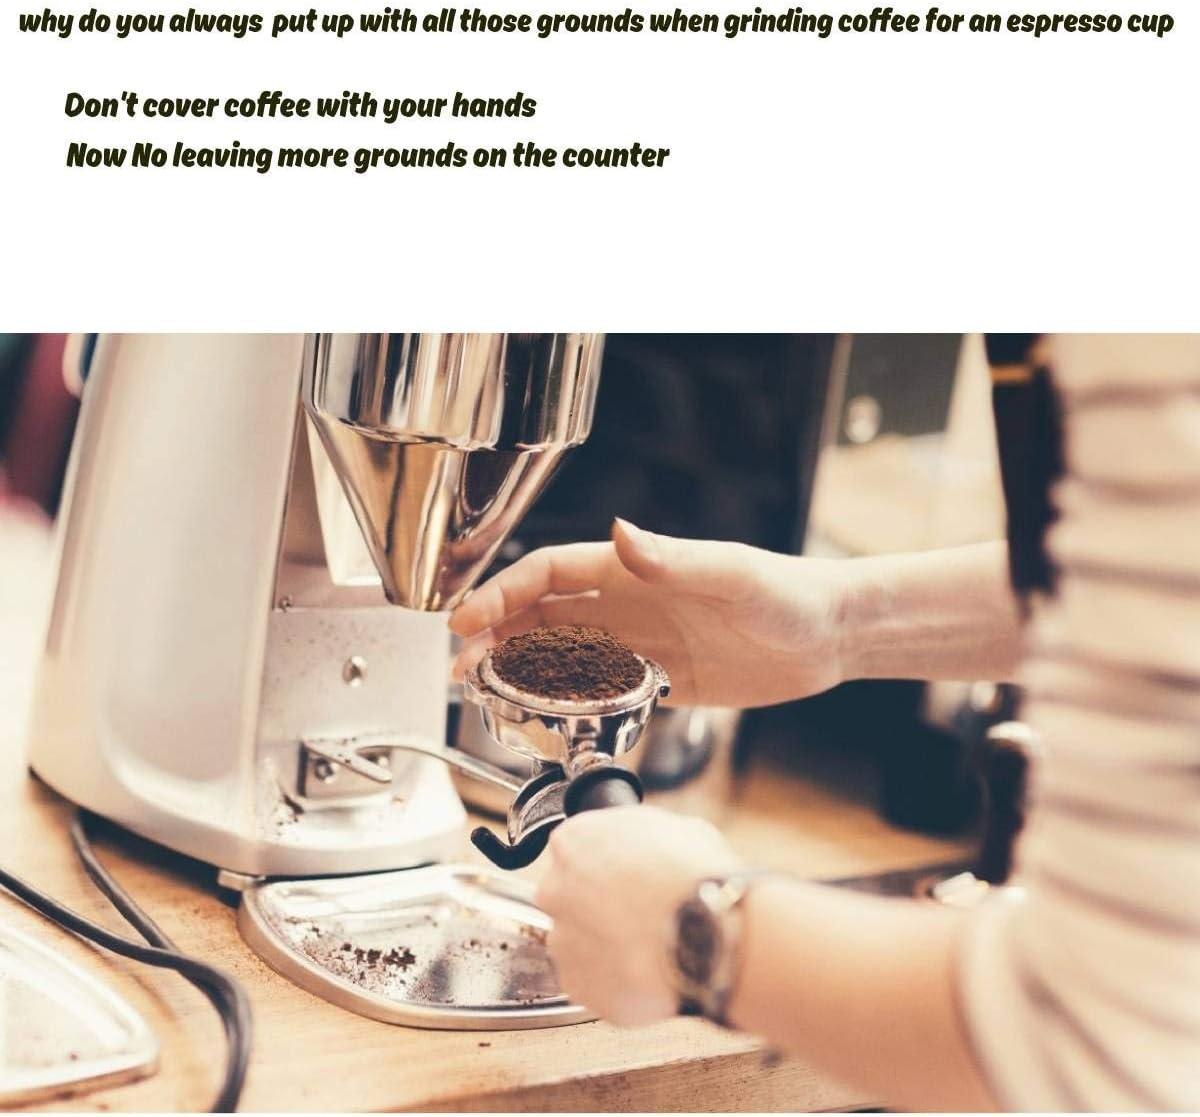 Anillo de dosificaci/ón de caf/é acero inoxidable embudo de dosificaci/ón de espresso portafilter de dosificaci/ón de embudo de dosificaci/ón de la m/áquina de caf/é accesorios de repuesto